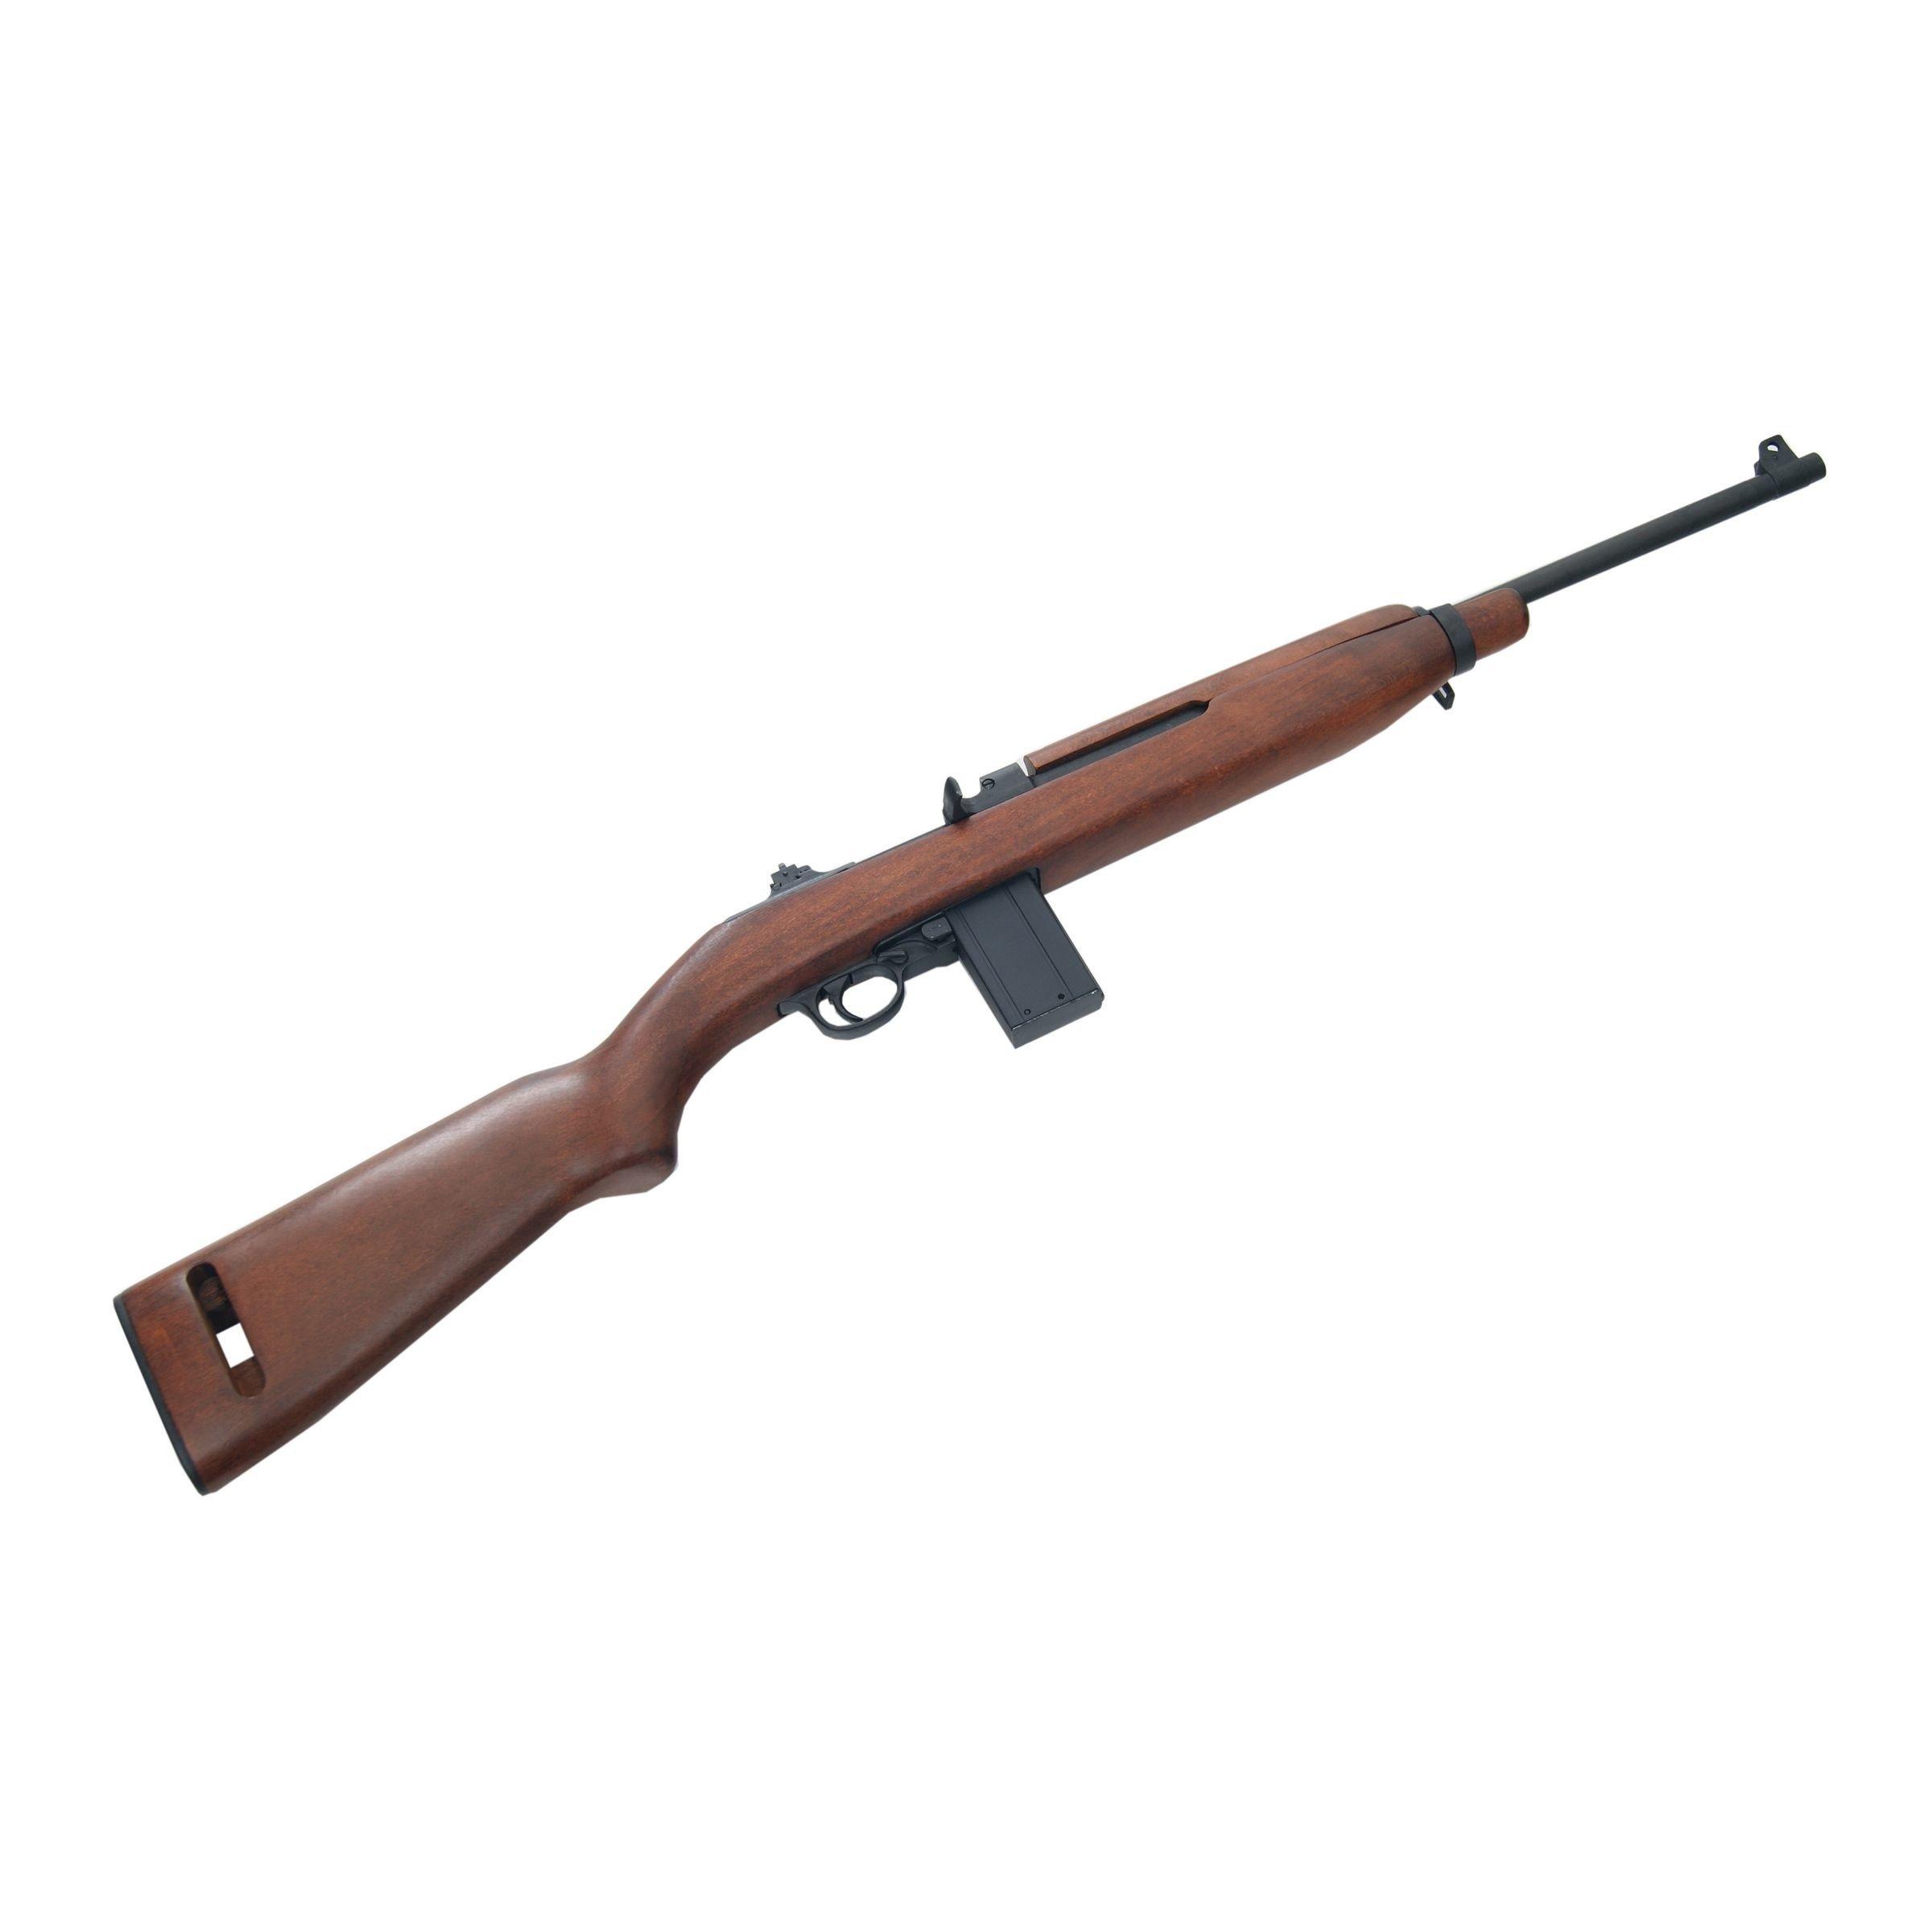 M1 Carbine - non-firing replica